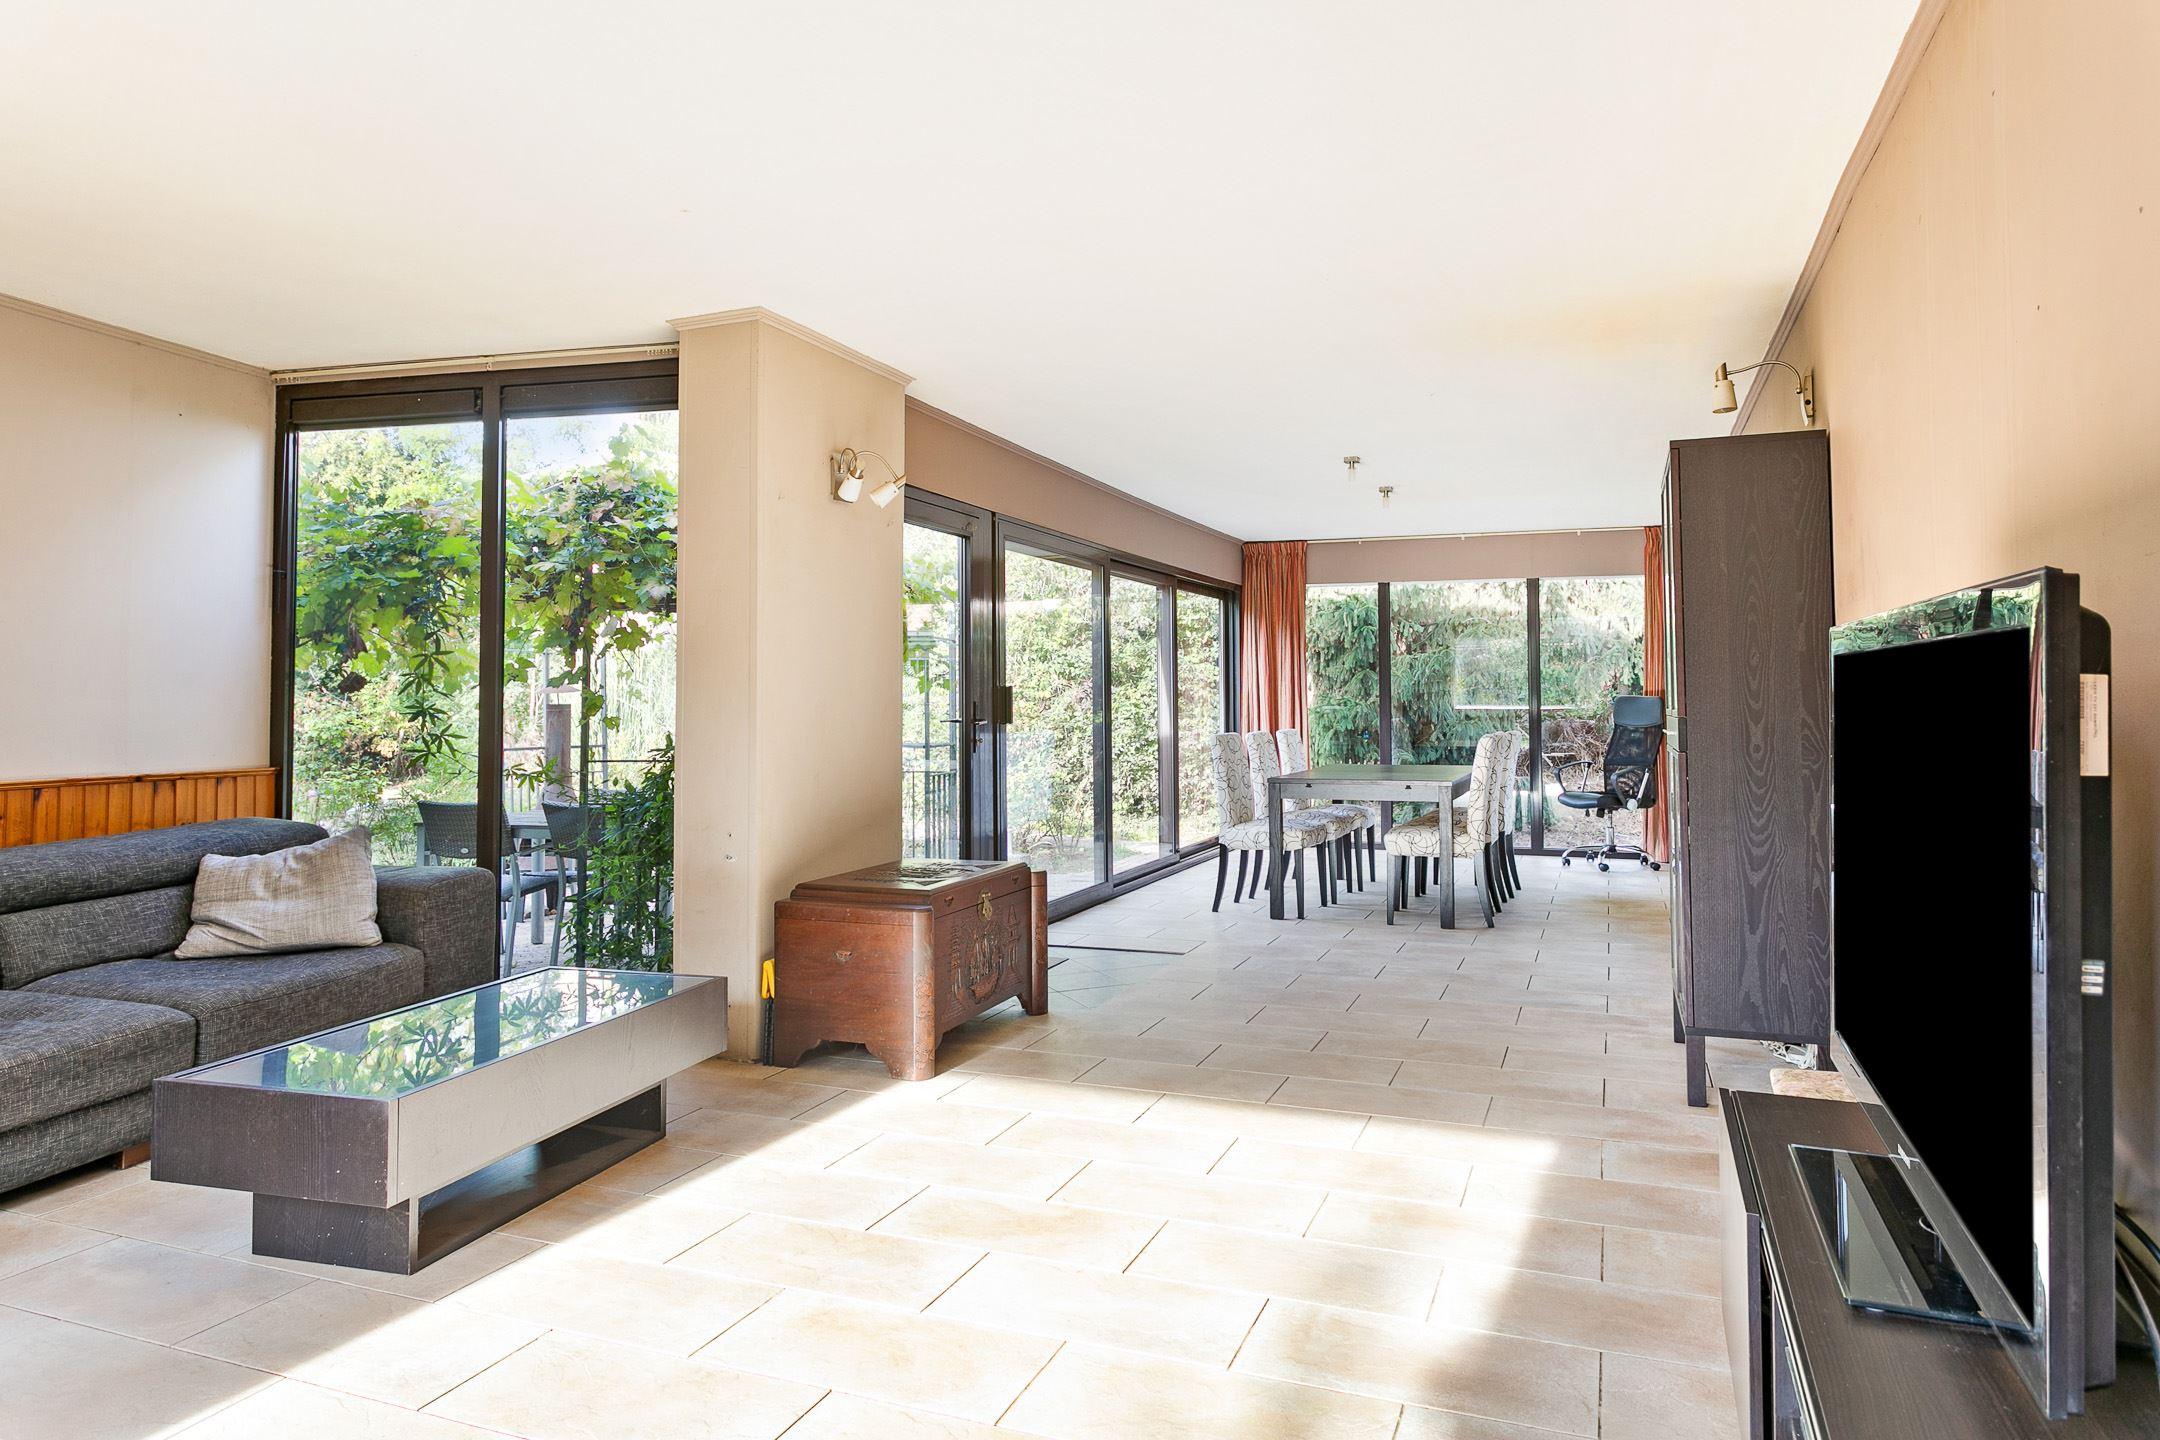 Huis te koop kapellerlaan 50 a 6041 jd roermond funda for Huis tuin roermond